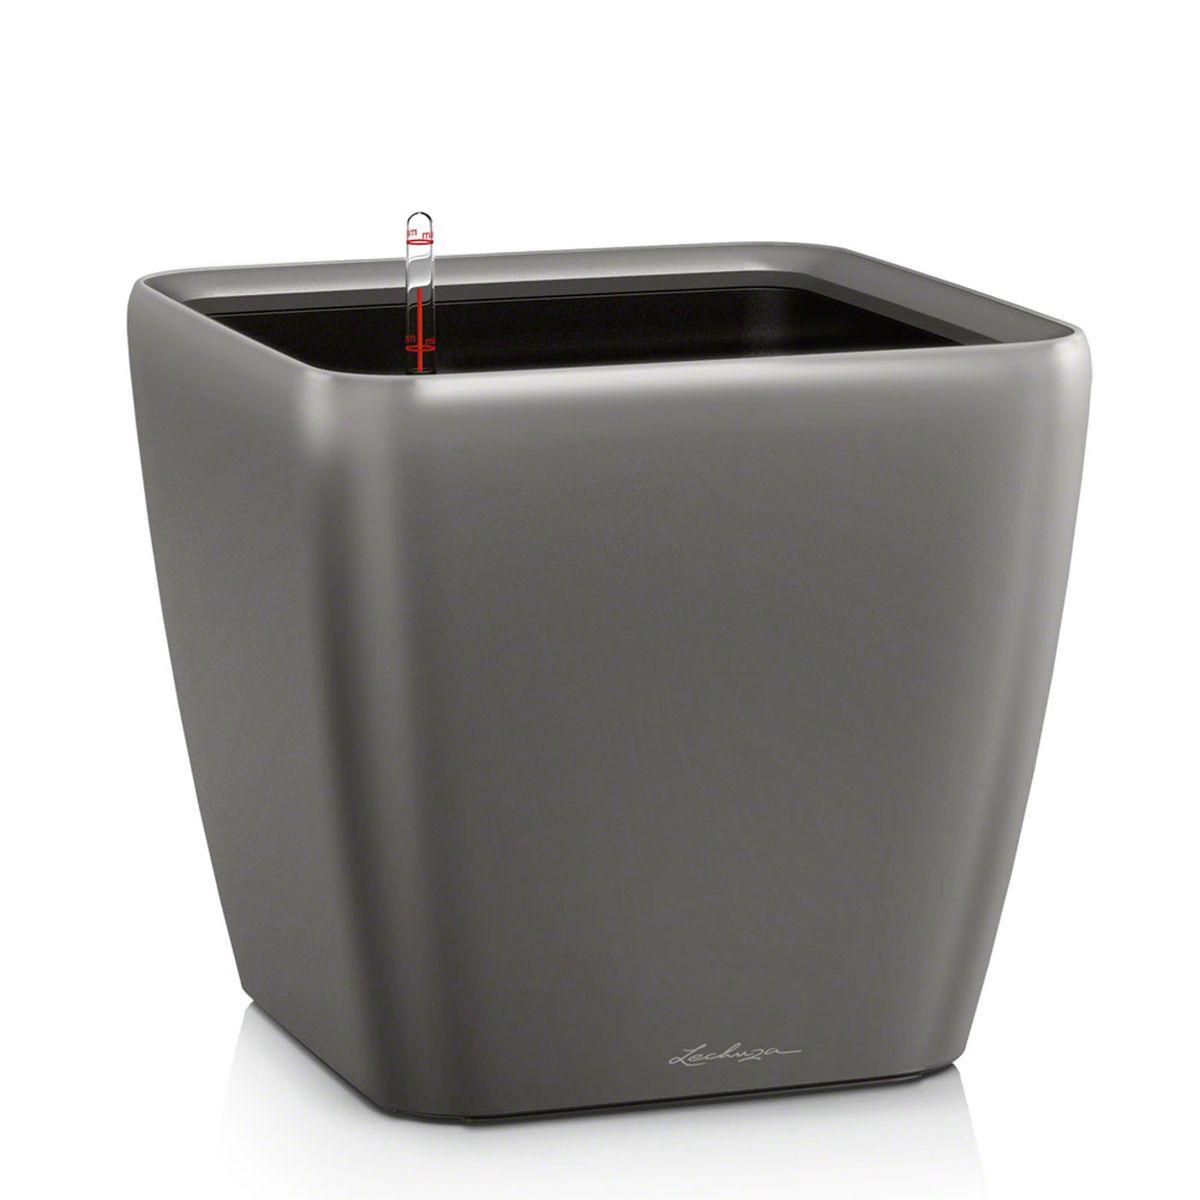 Кашпо Lechuza Quadro, с системой автополива, цвет: антрацит, 43 х 43 х 40 см16183Кашпо Lechuza Quadro, выполненное из высококачественного пластика, имеет уникальную систему автополива, благодаря которой корневая система растения непрерывно снабжается влагой из резервуара. Уровень воды в резервуаре контролируется с помощью специального индикатора. В зависимости от размера кашпо и растения воды хватает на 2-12 недель. Это способствует хорошему росту цветов и предотвращает переувлажнение. В набор входит: кашпо, внутренний горшок, индикатор уровня воды, вал подачи воды, субстрат растений в качестве дренажного слоя, резервуар для воды. Кашпо Lechuza Quadro прекрасно впишется в любой интерьер. Оно поможет расставить нужные акценты, а также придаст помещению вид, соответствующий вашим представлениям.